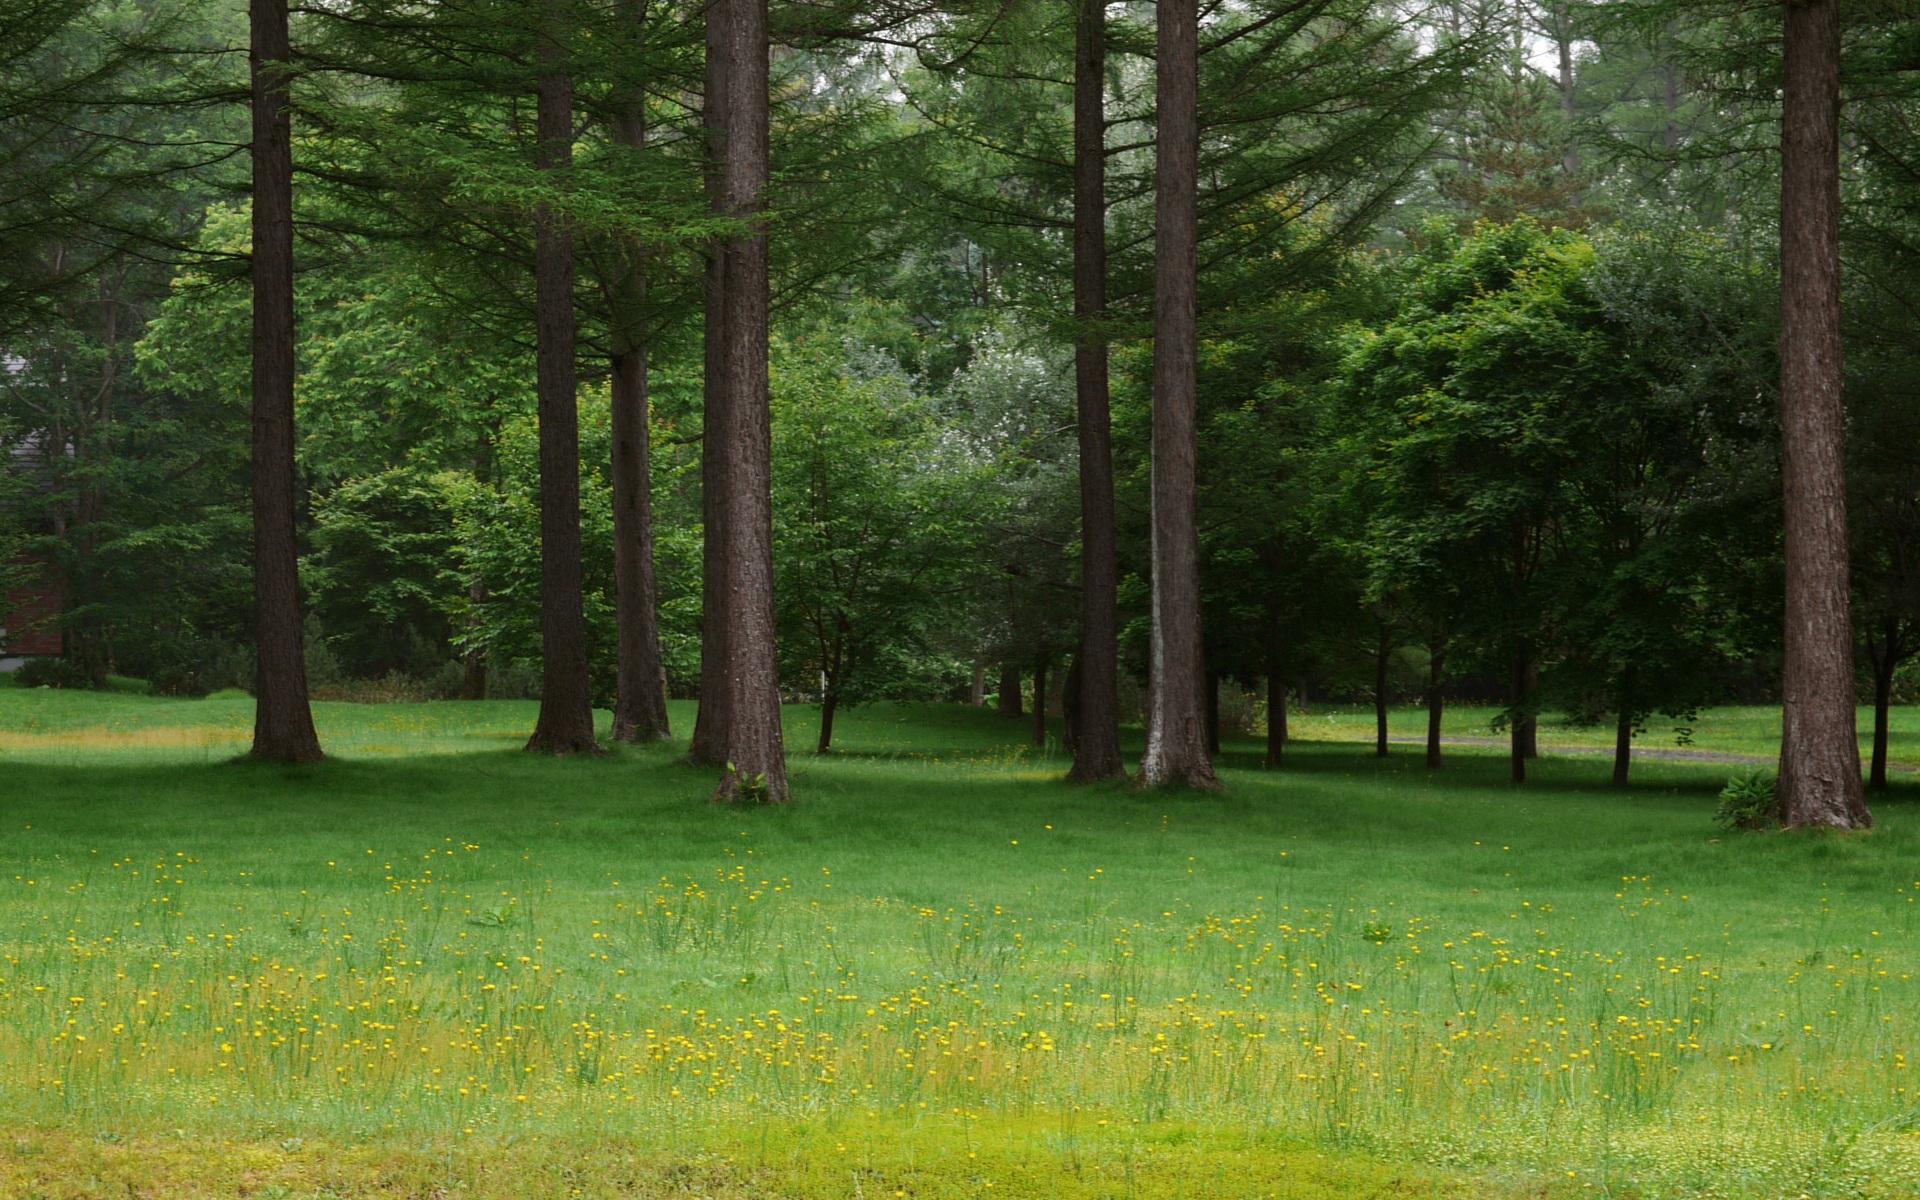 宽屏摄影风景235-树林(1920x1200) 壁纸